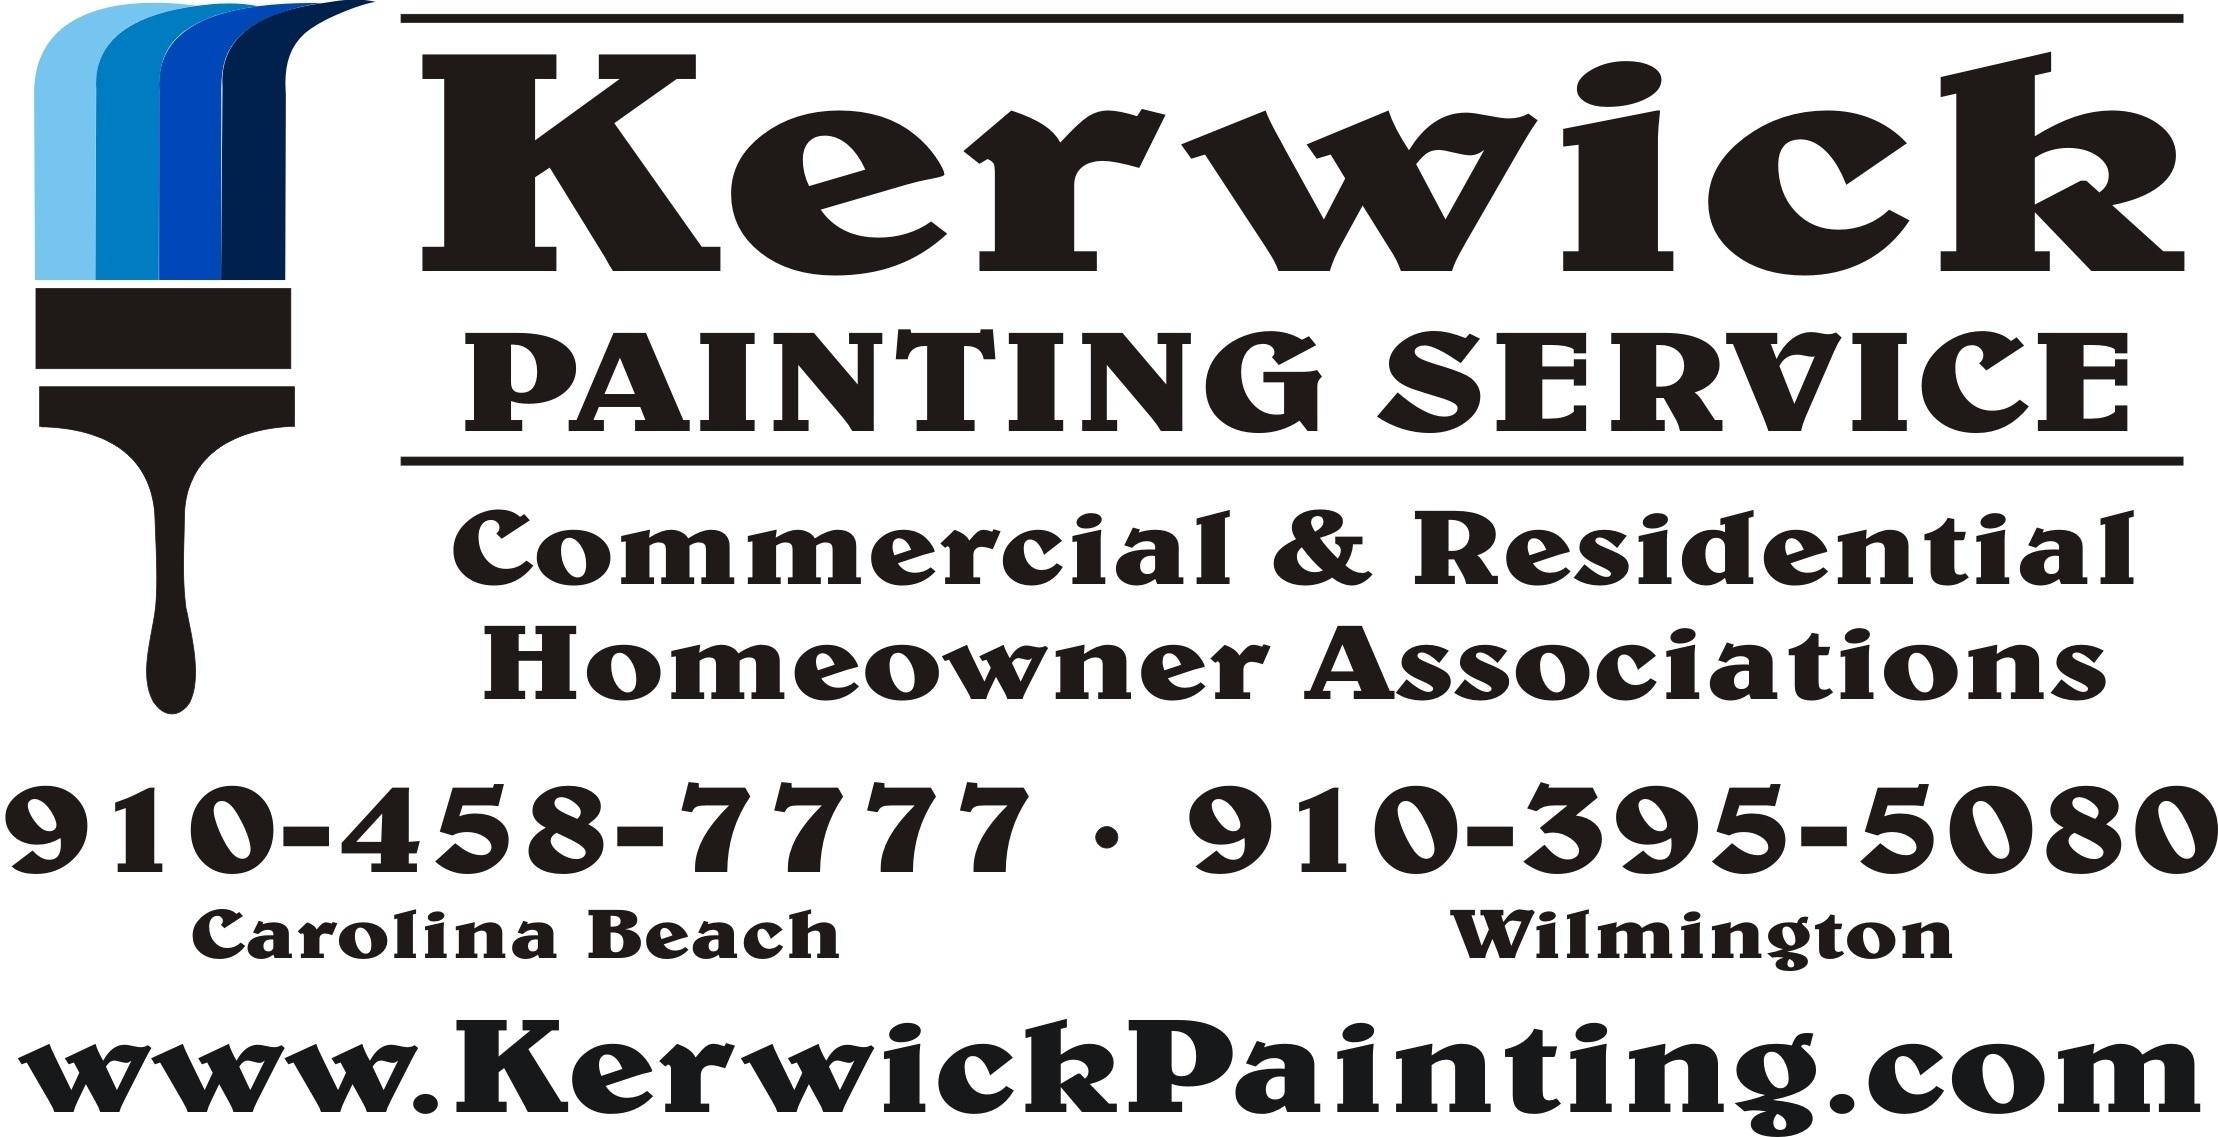 Kerwick Painting Service